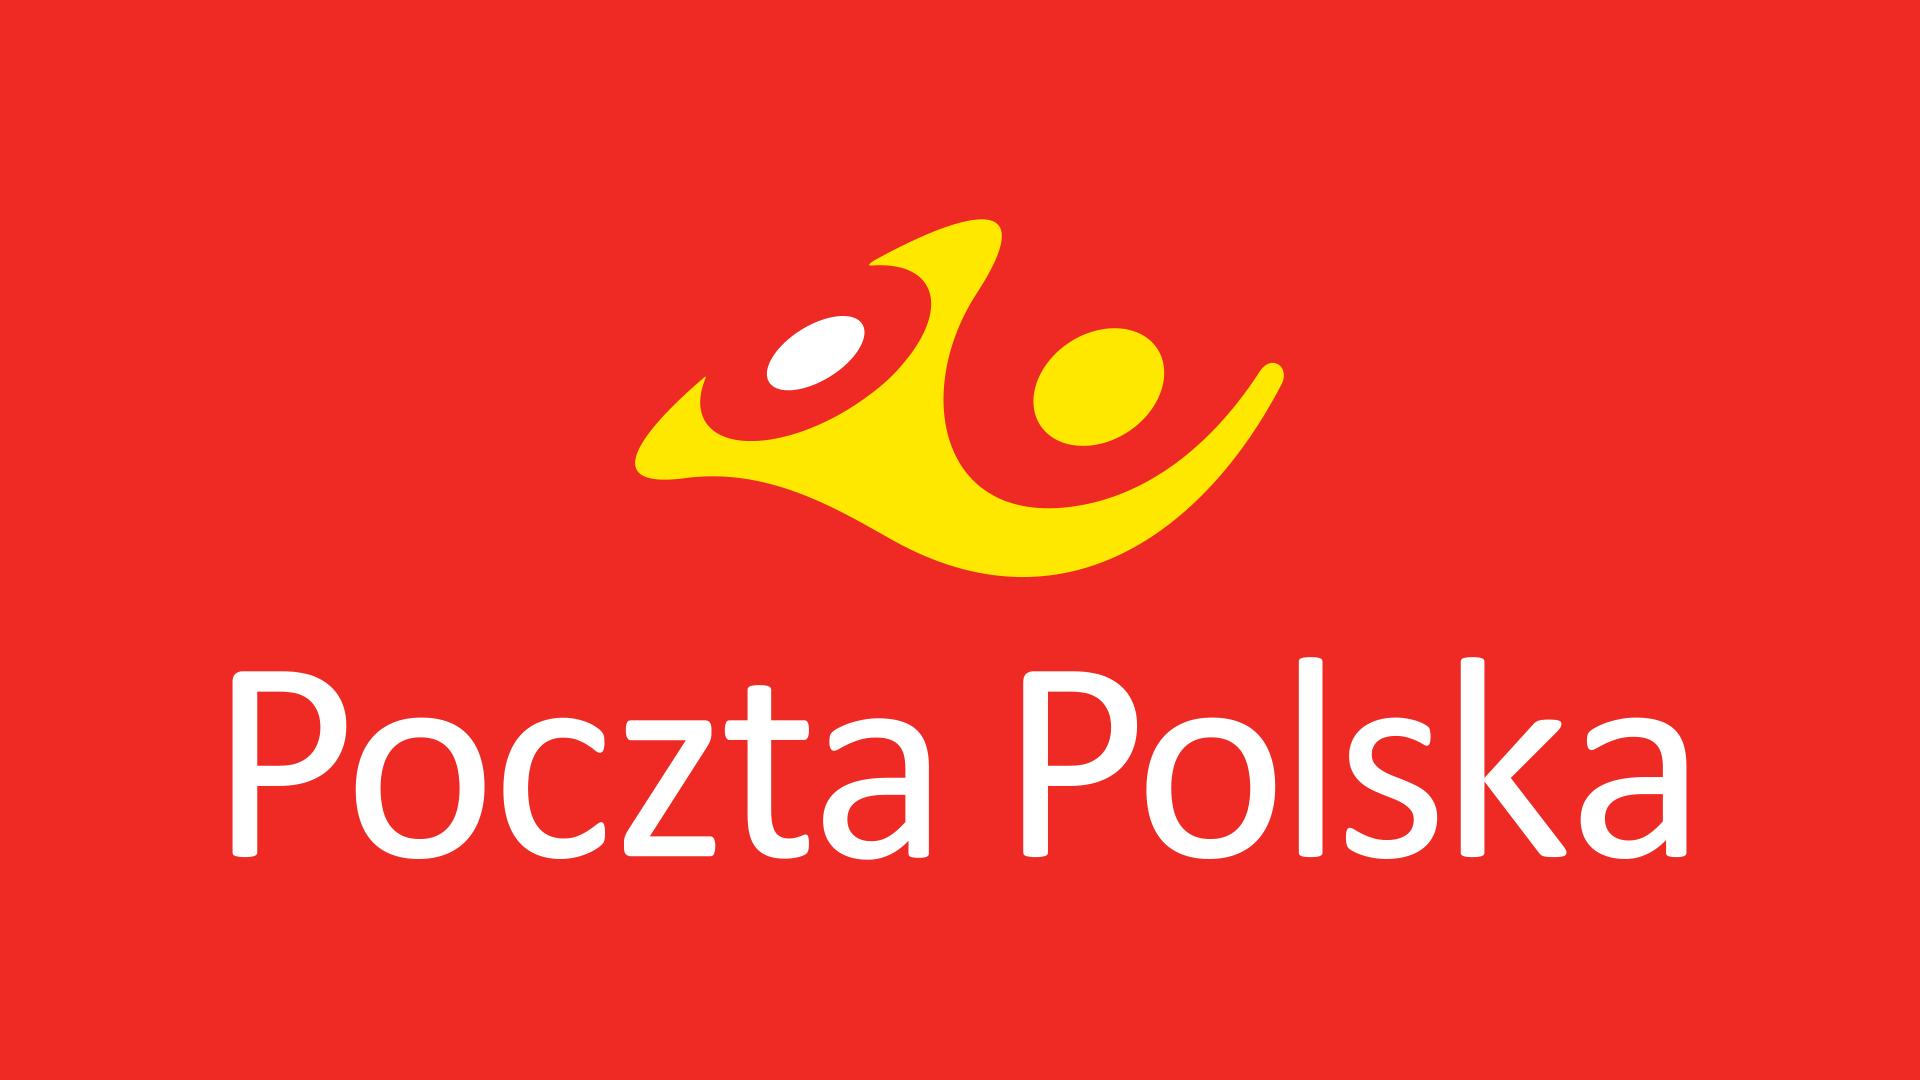 Poczta Polska: zgodnie z nową strategią Zarząd ograniczy przewidywaną skalę zwolnień pracowników